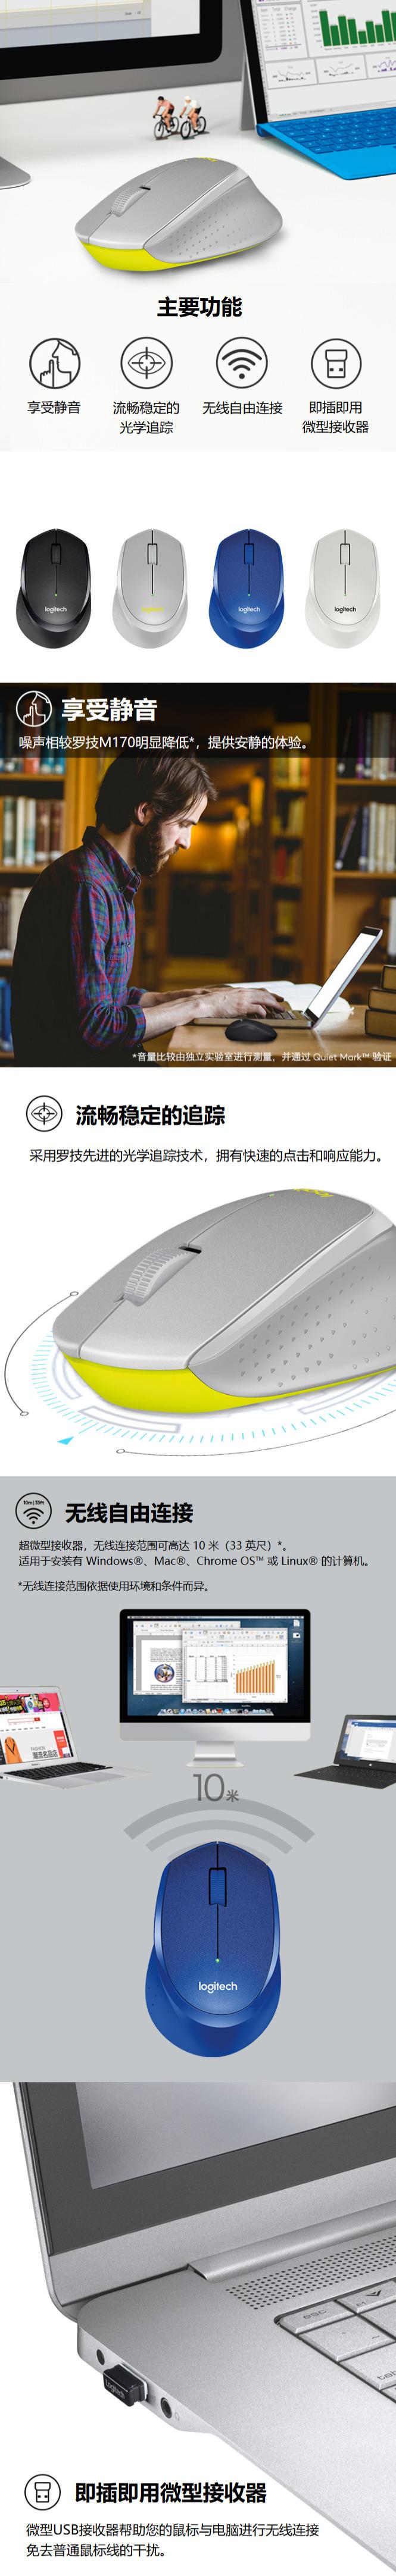 历史最低价!Logitech 罗技 M330 Silent Plus 无线静音鼠标5折 19.99加元!2色可选!